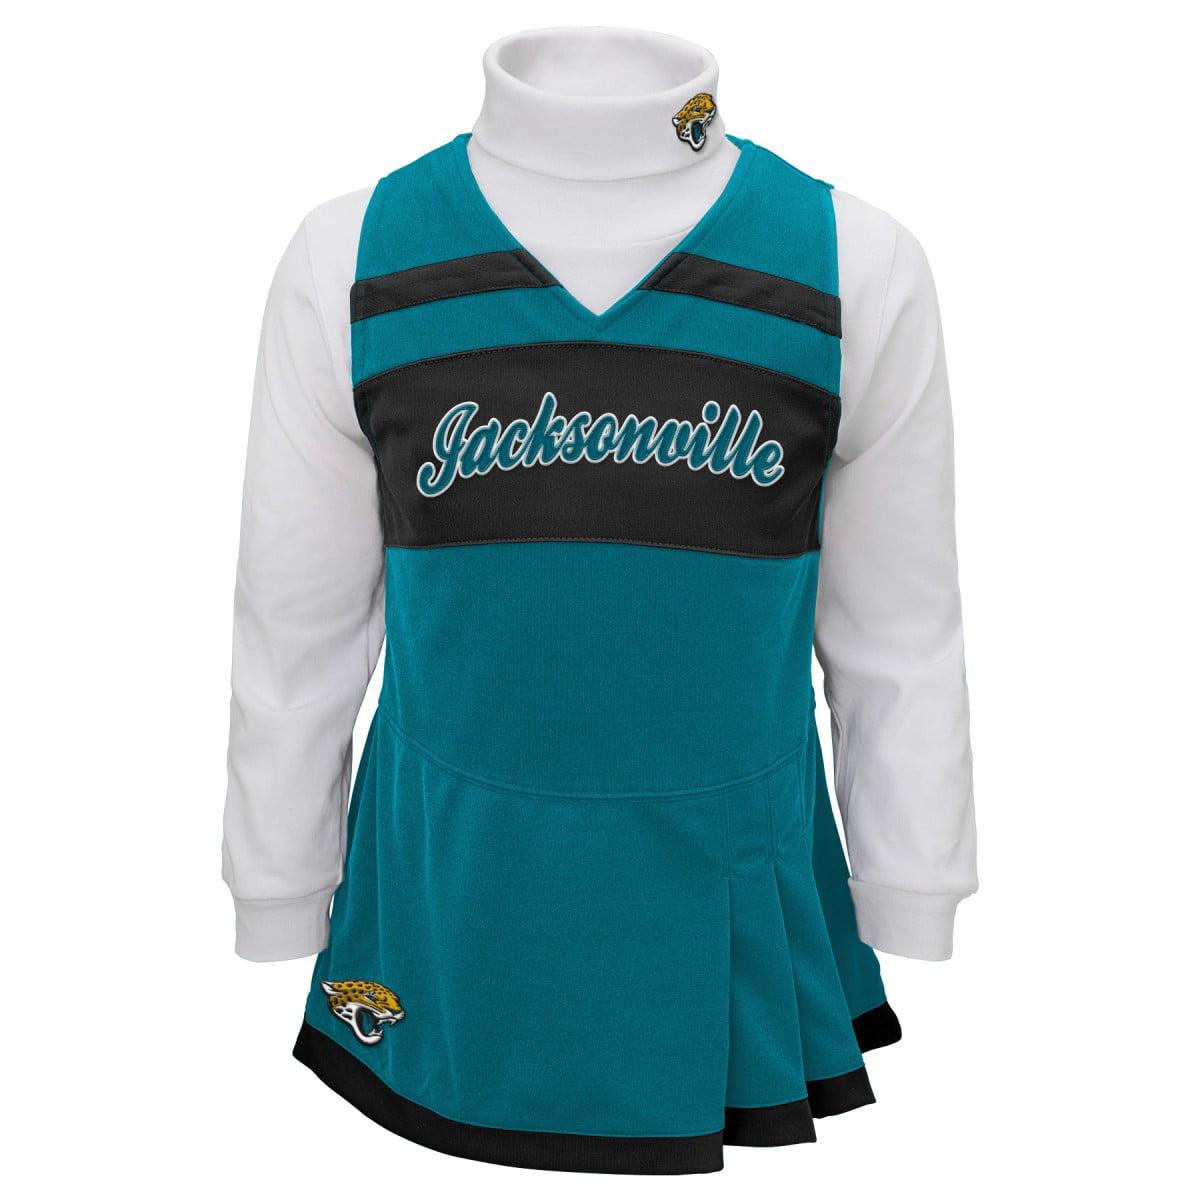 Jacksonville Jaguars NFL Toddler Girls Cheer Jumper Dress Set w/ Turtleneck